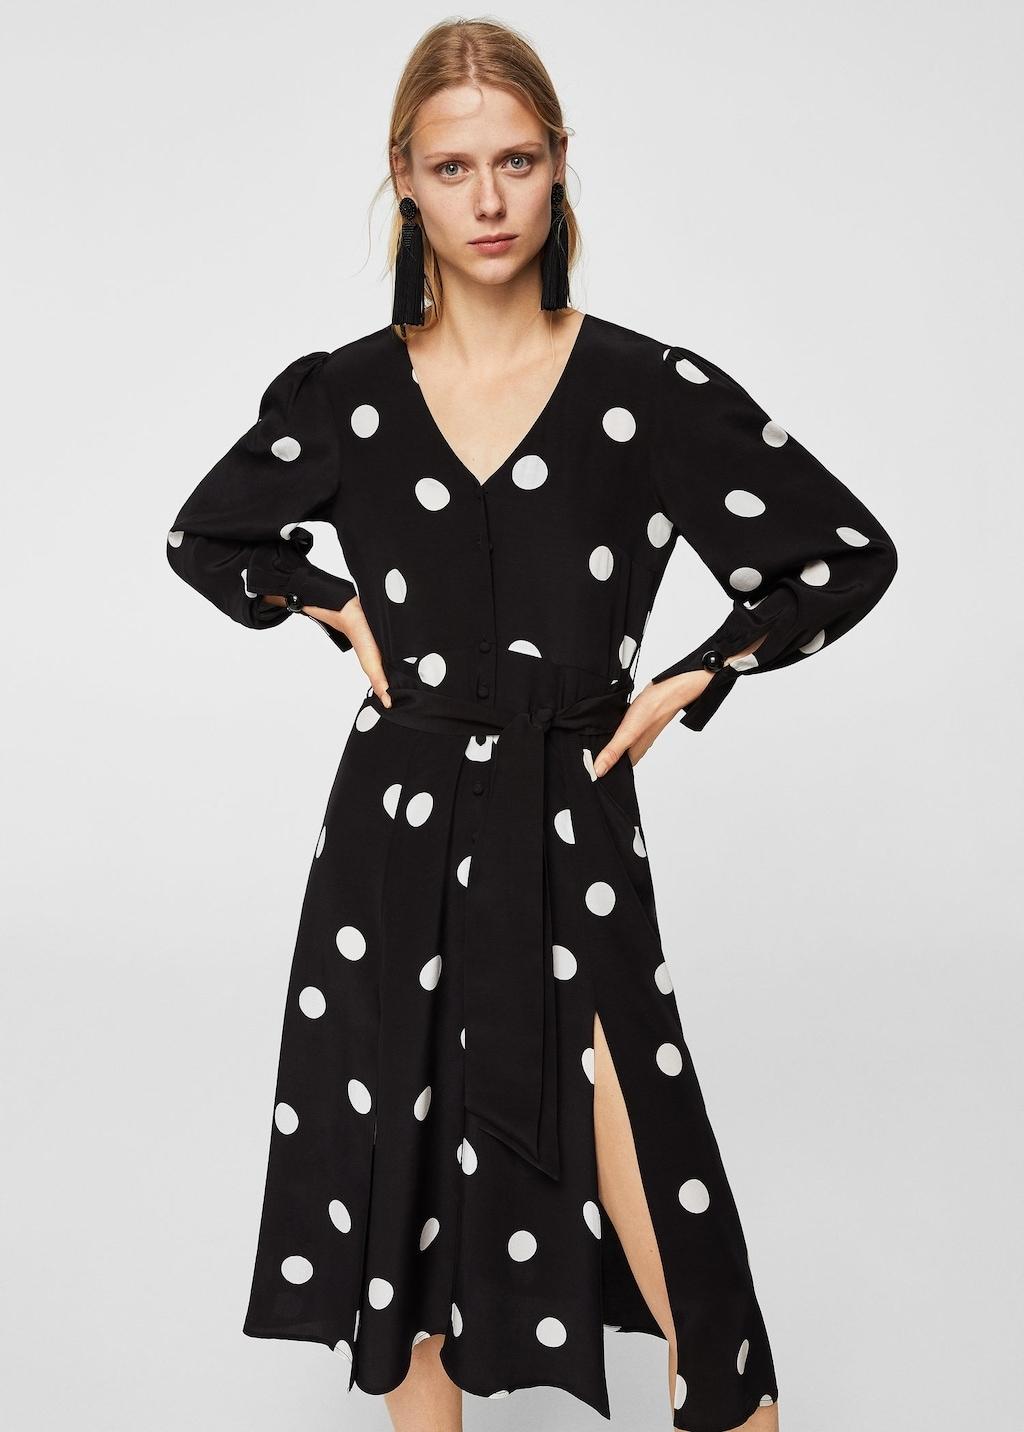 2eddf4b440 MANGO Sukienka w grochy z wiązaniami retro boho M - 7515649663 ...